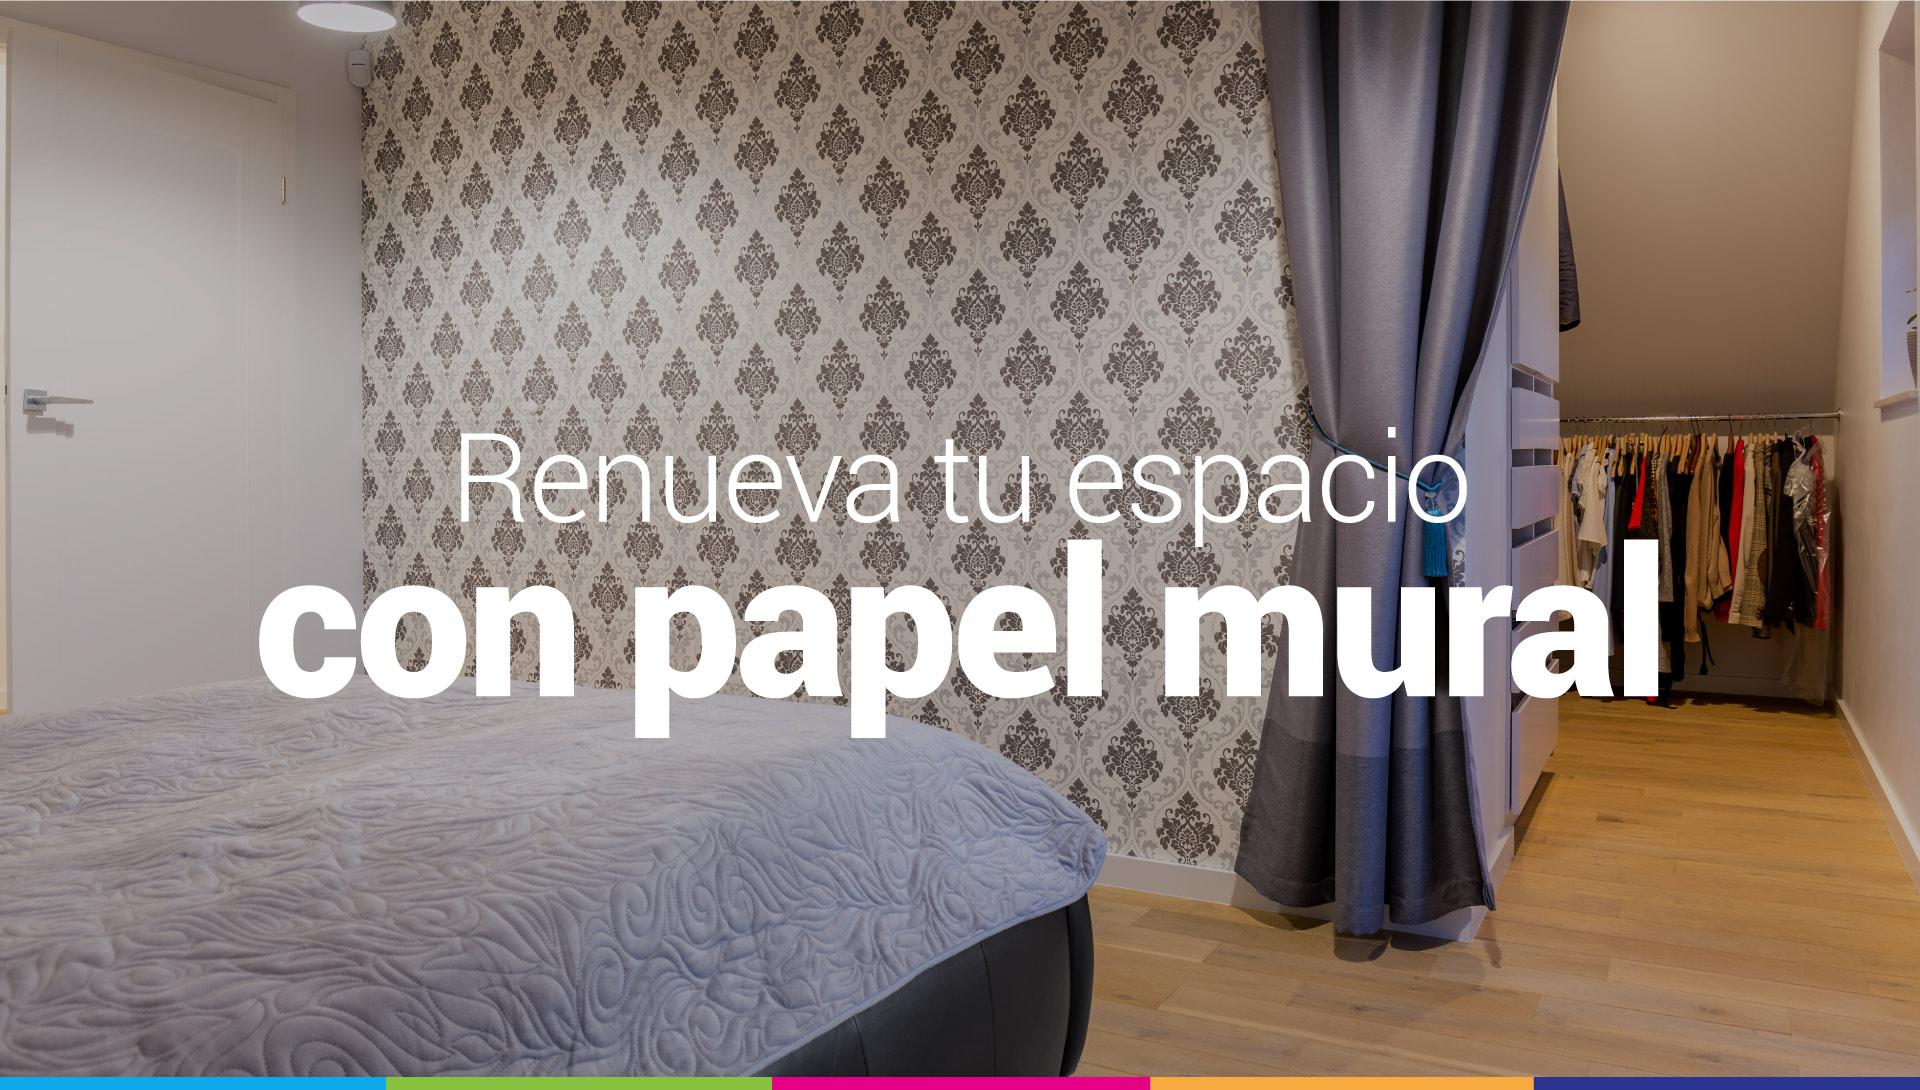 renovar espacios con papel mural